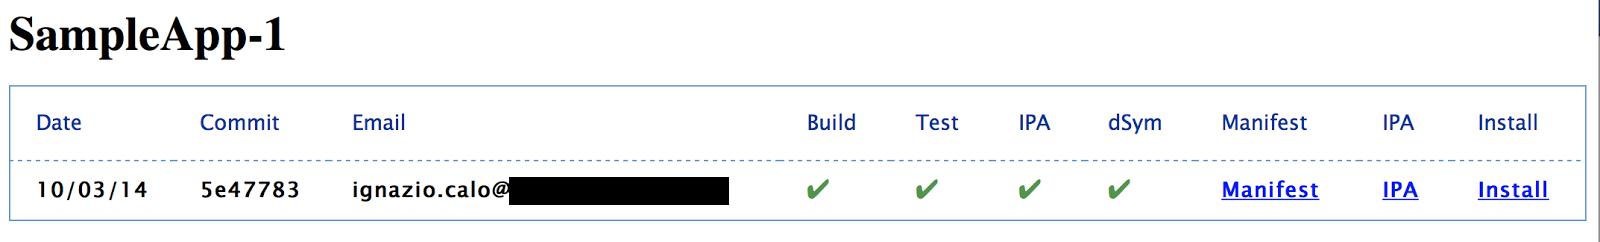 creare-un-conituous-integration-service-con-ruby-e-dropbox-02